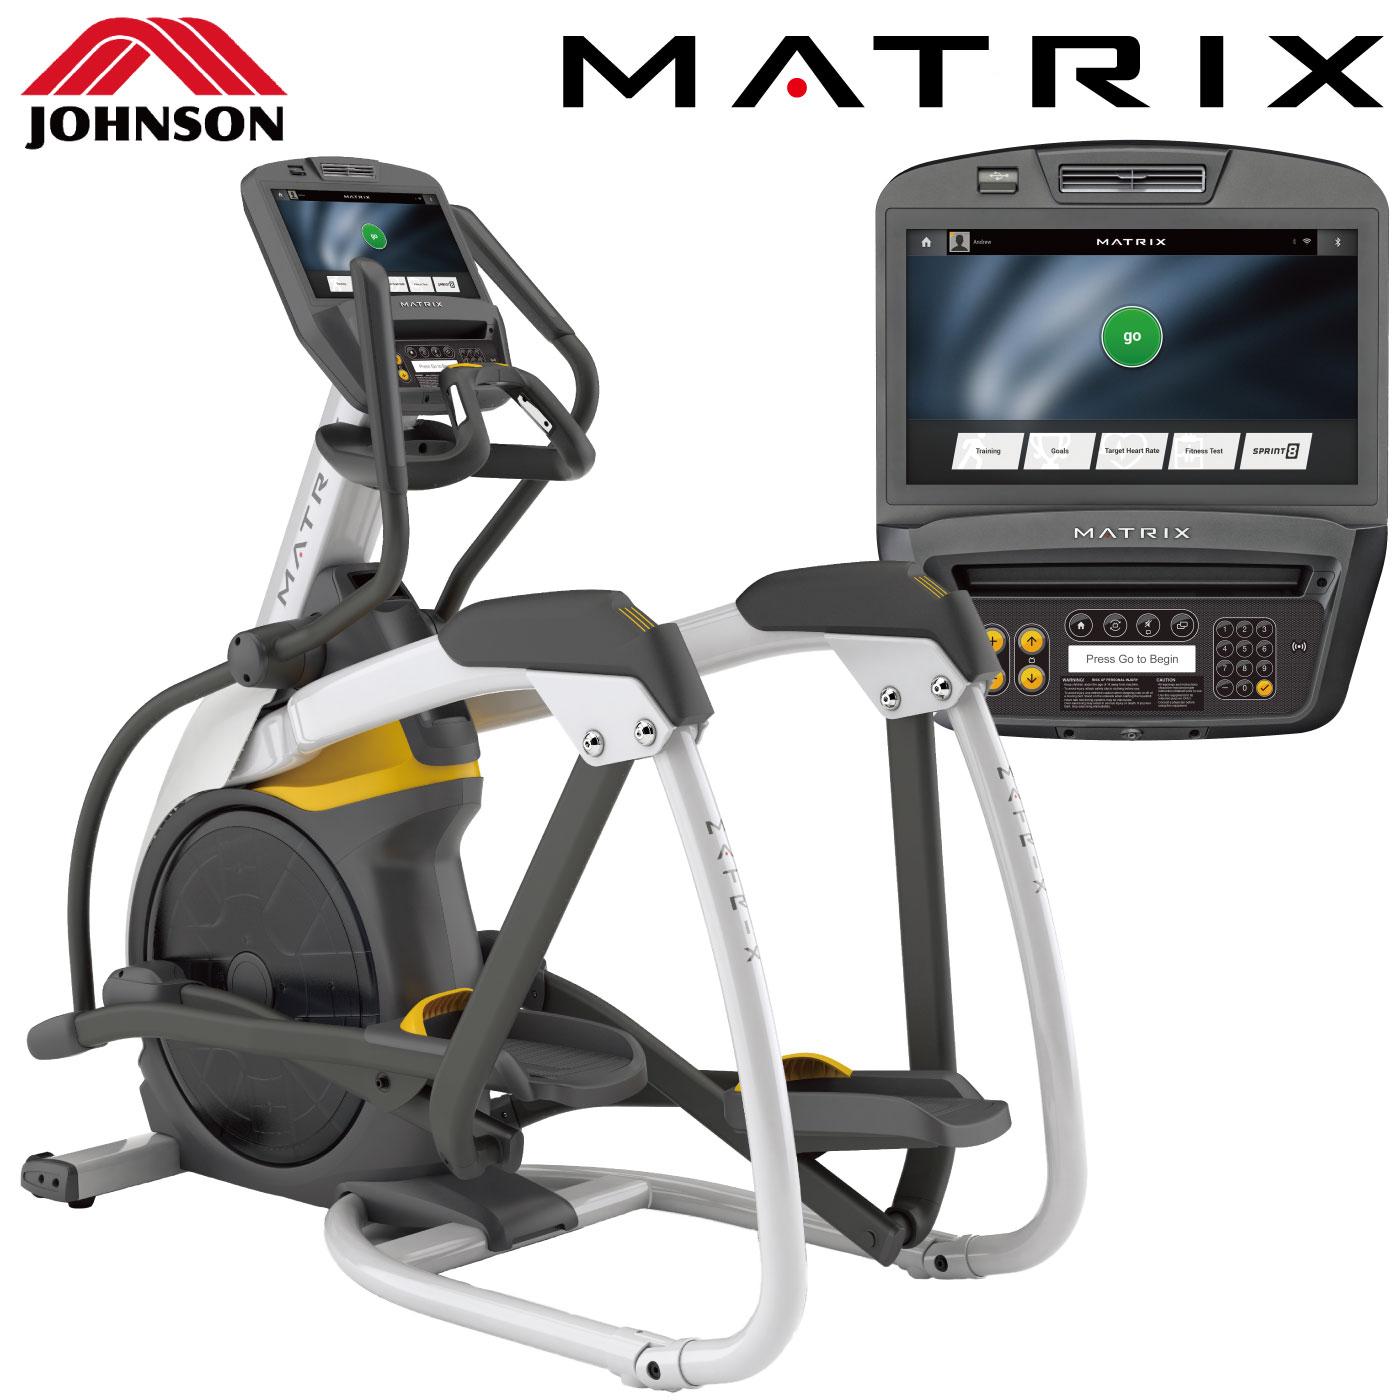 A7xe/業務用アセントトレーナー〈業務用MATRIX〉《ジョンソンヘルステック》